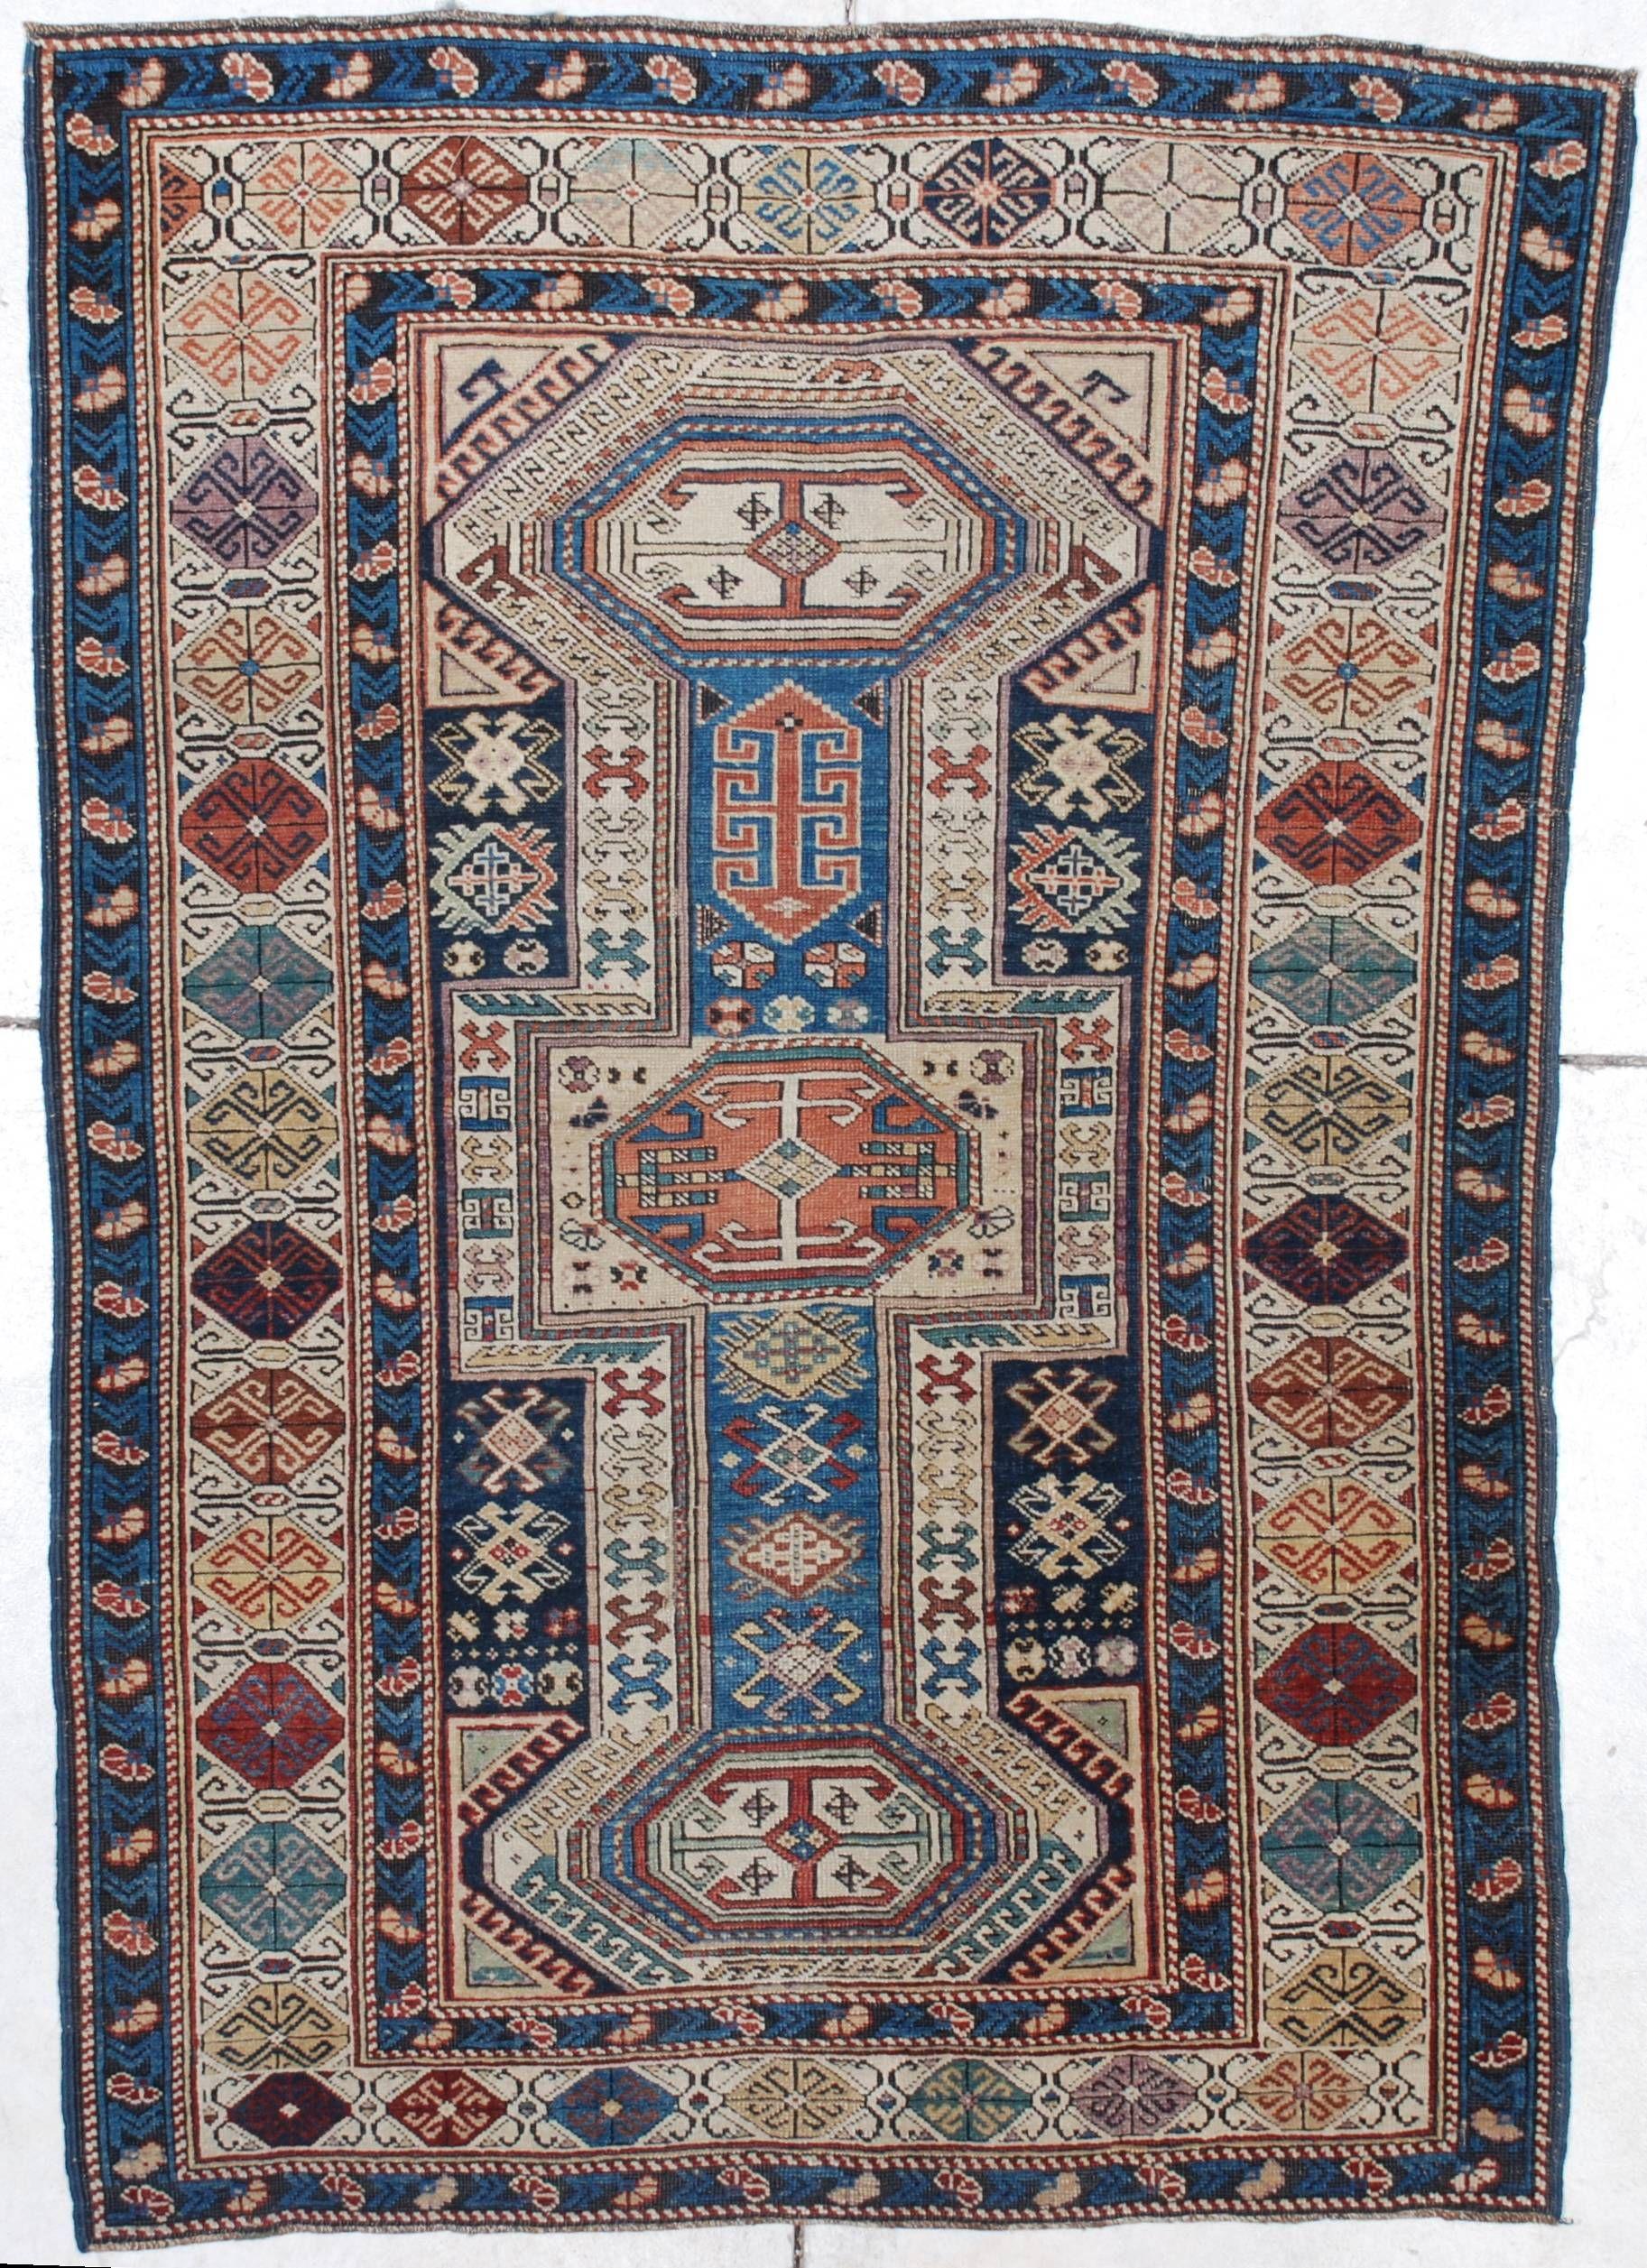 7241 Shirvan Antique Caucasian Rug 3 7 X 5 3 Antique Oriental Rugs Rugs On Carpet Caucasian Rug Carpet Runner